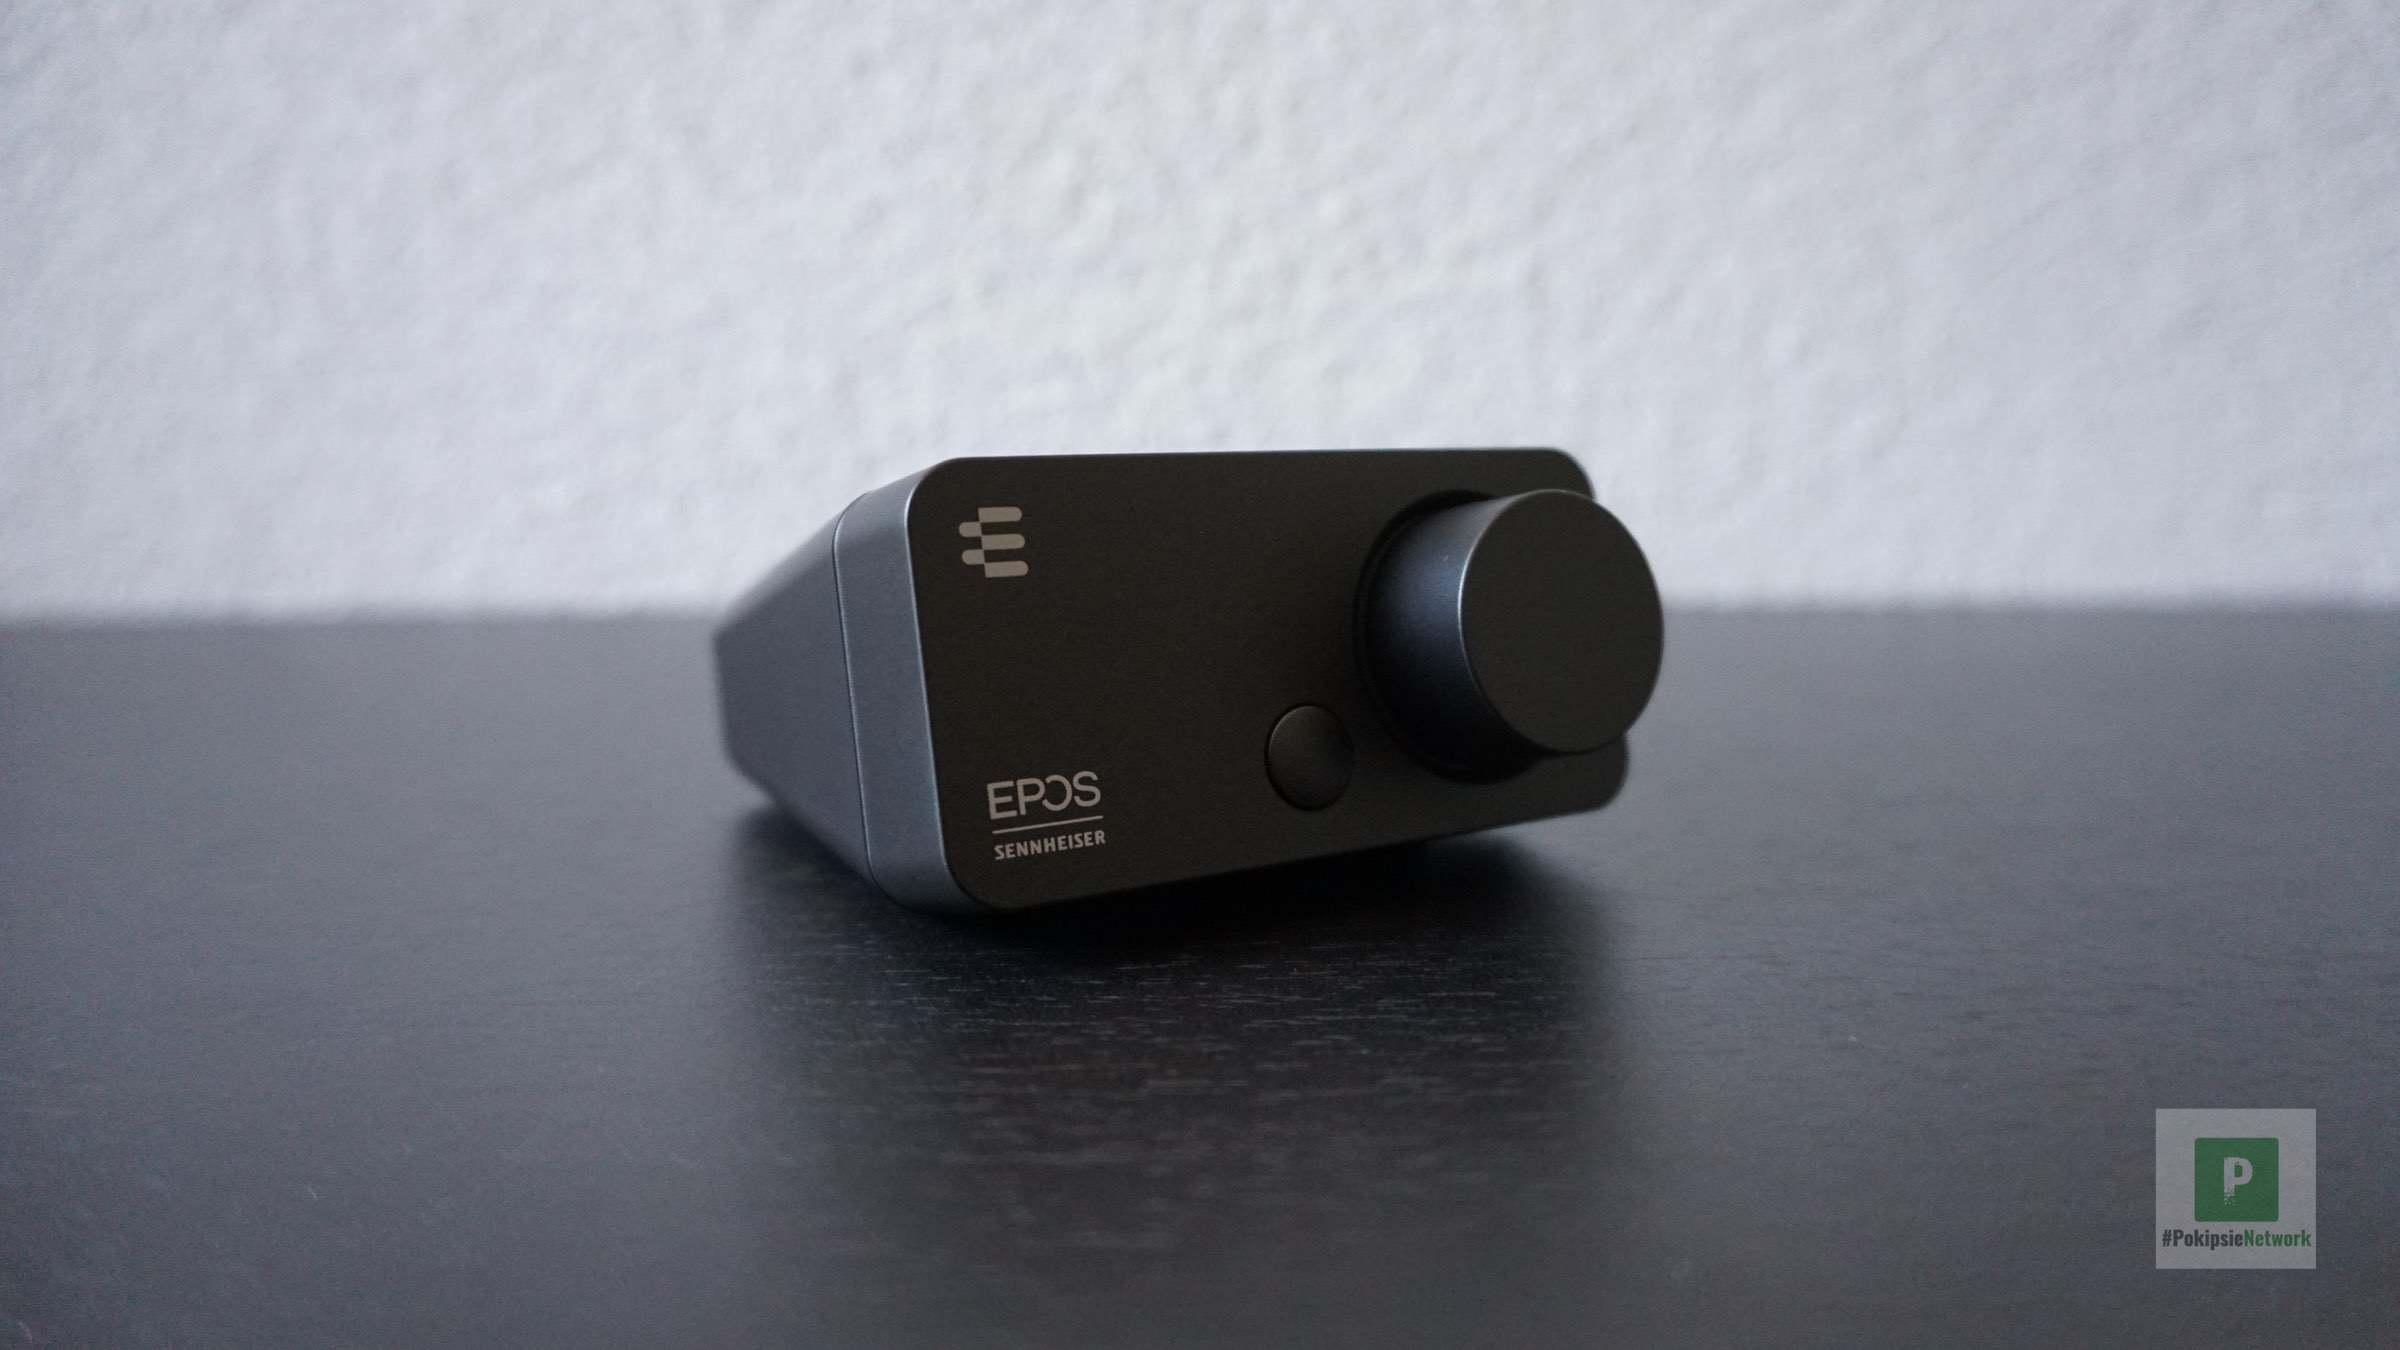 Profilansicht vom kleinen Audio-Device